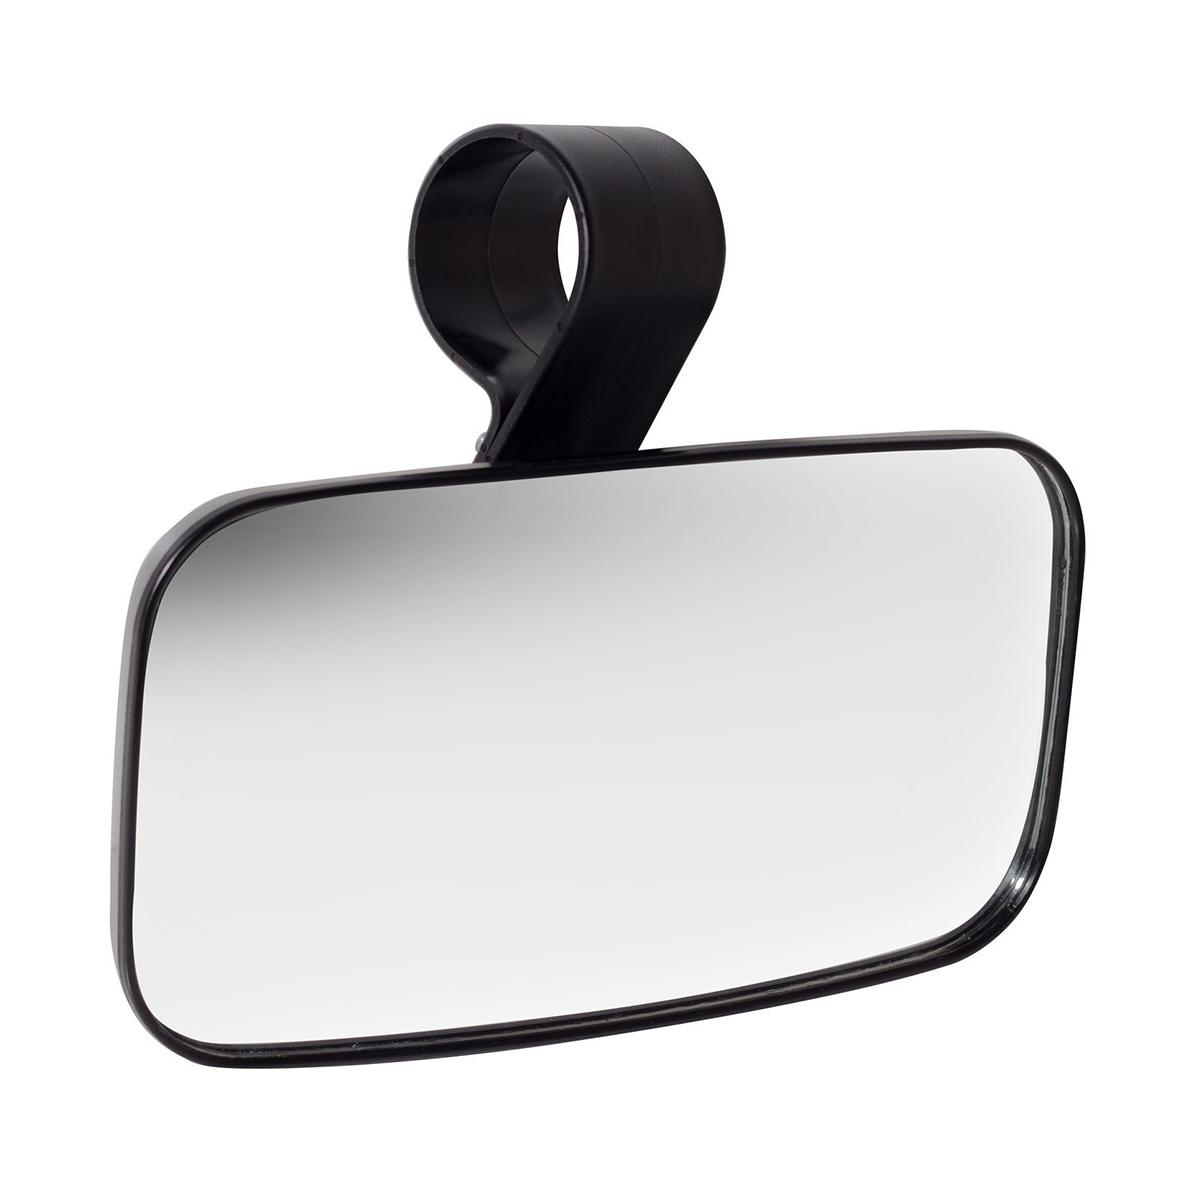 [해외]UTV ATV 클리어 후면 뷰 센터 미러 하이 임팩트 하우징 충격 방지 강화 유리 미러/UTV ATV Clear Rear View Center Mirror High Impact HousingShatter-Proof Tempered Glass Mirrors